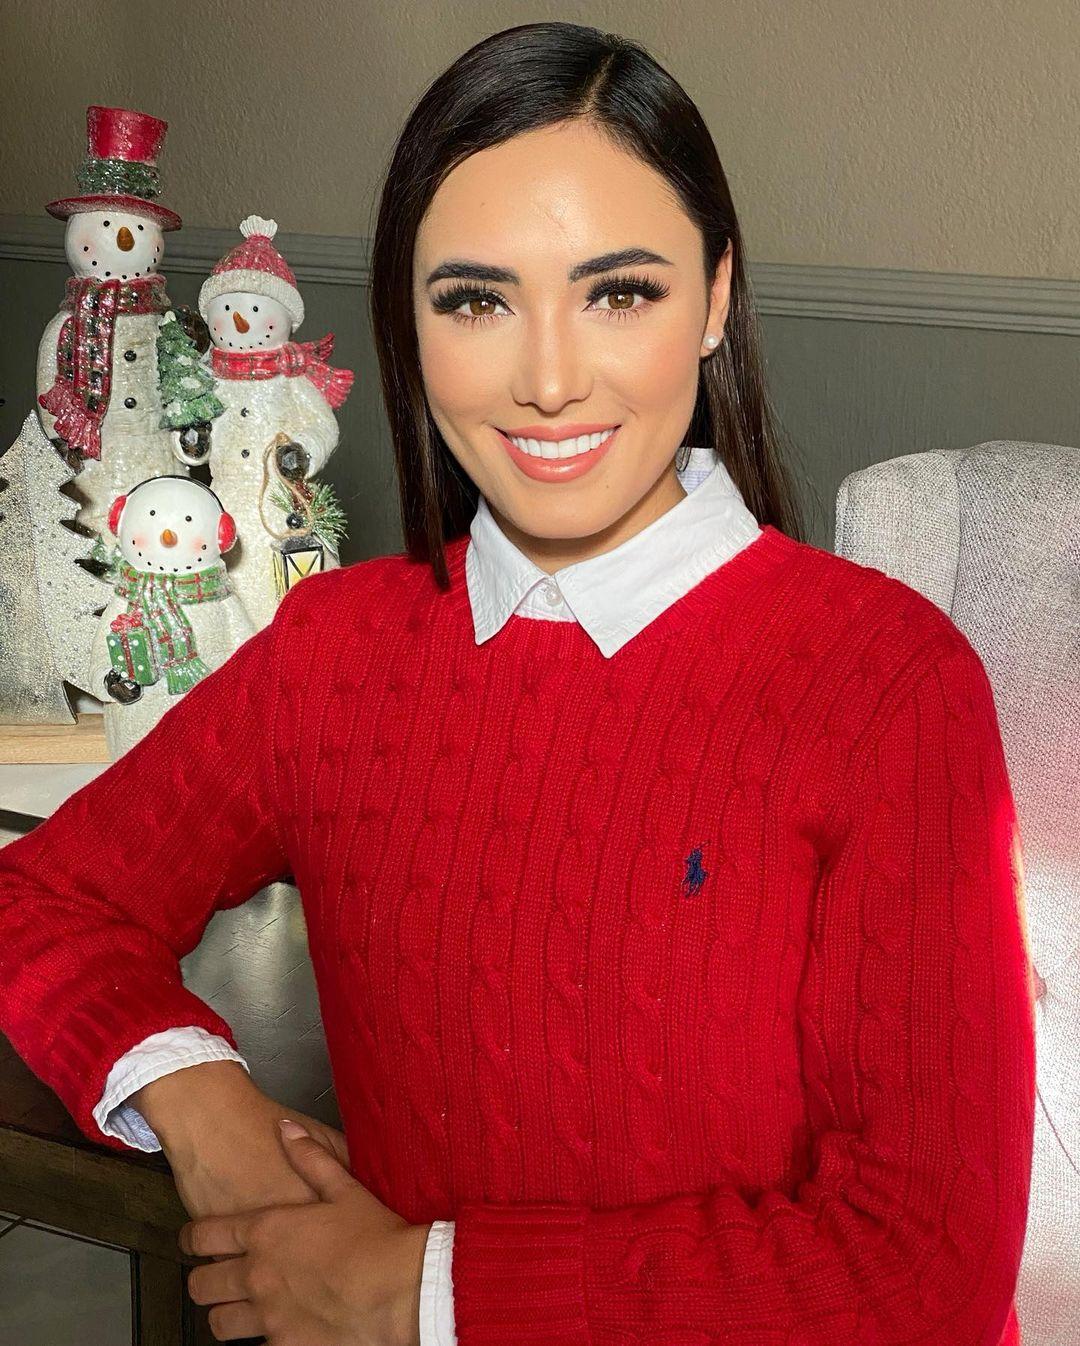 karolina vidales, candidata a miss mexico 2021, representando michoacan. - Página 10 Wuooh10